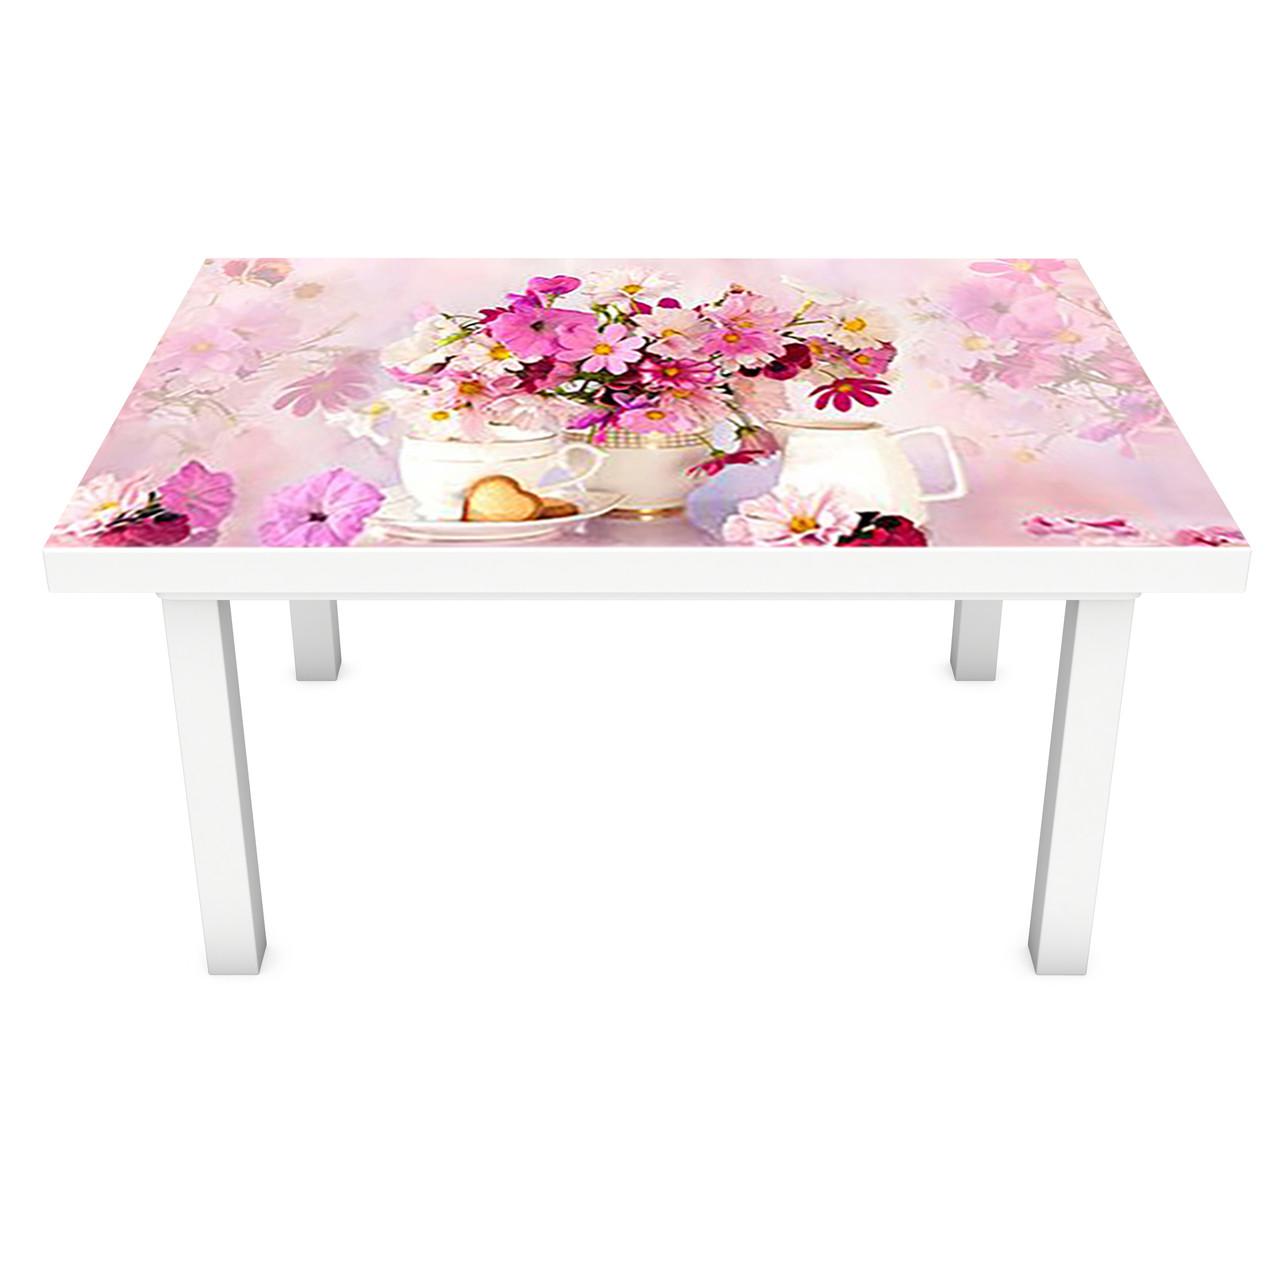 Наклейка на стол Букеты розовых цветов (ПВХ интерьерная пленка для мебели) цветы в вазах 600*1200 мм